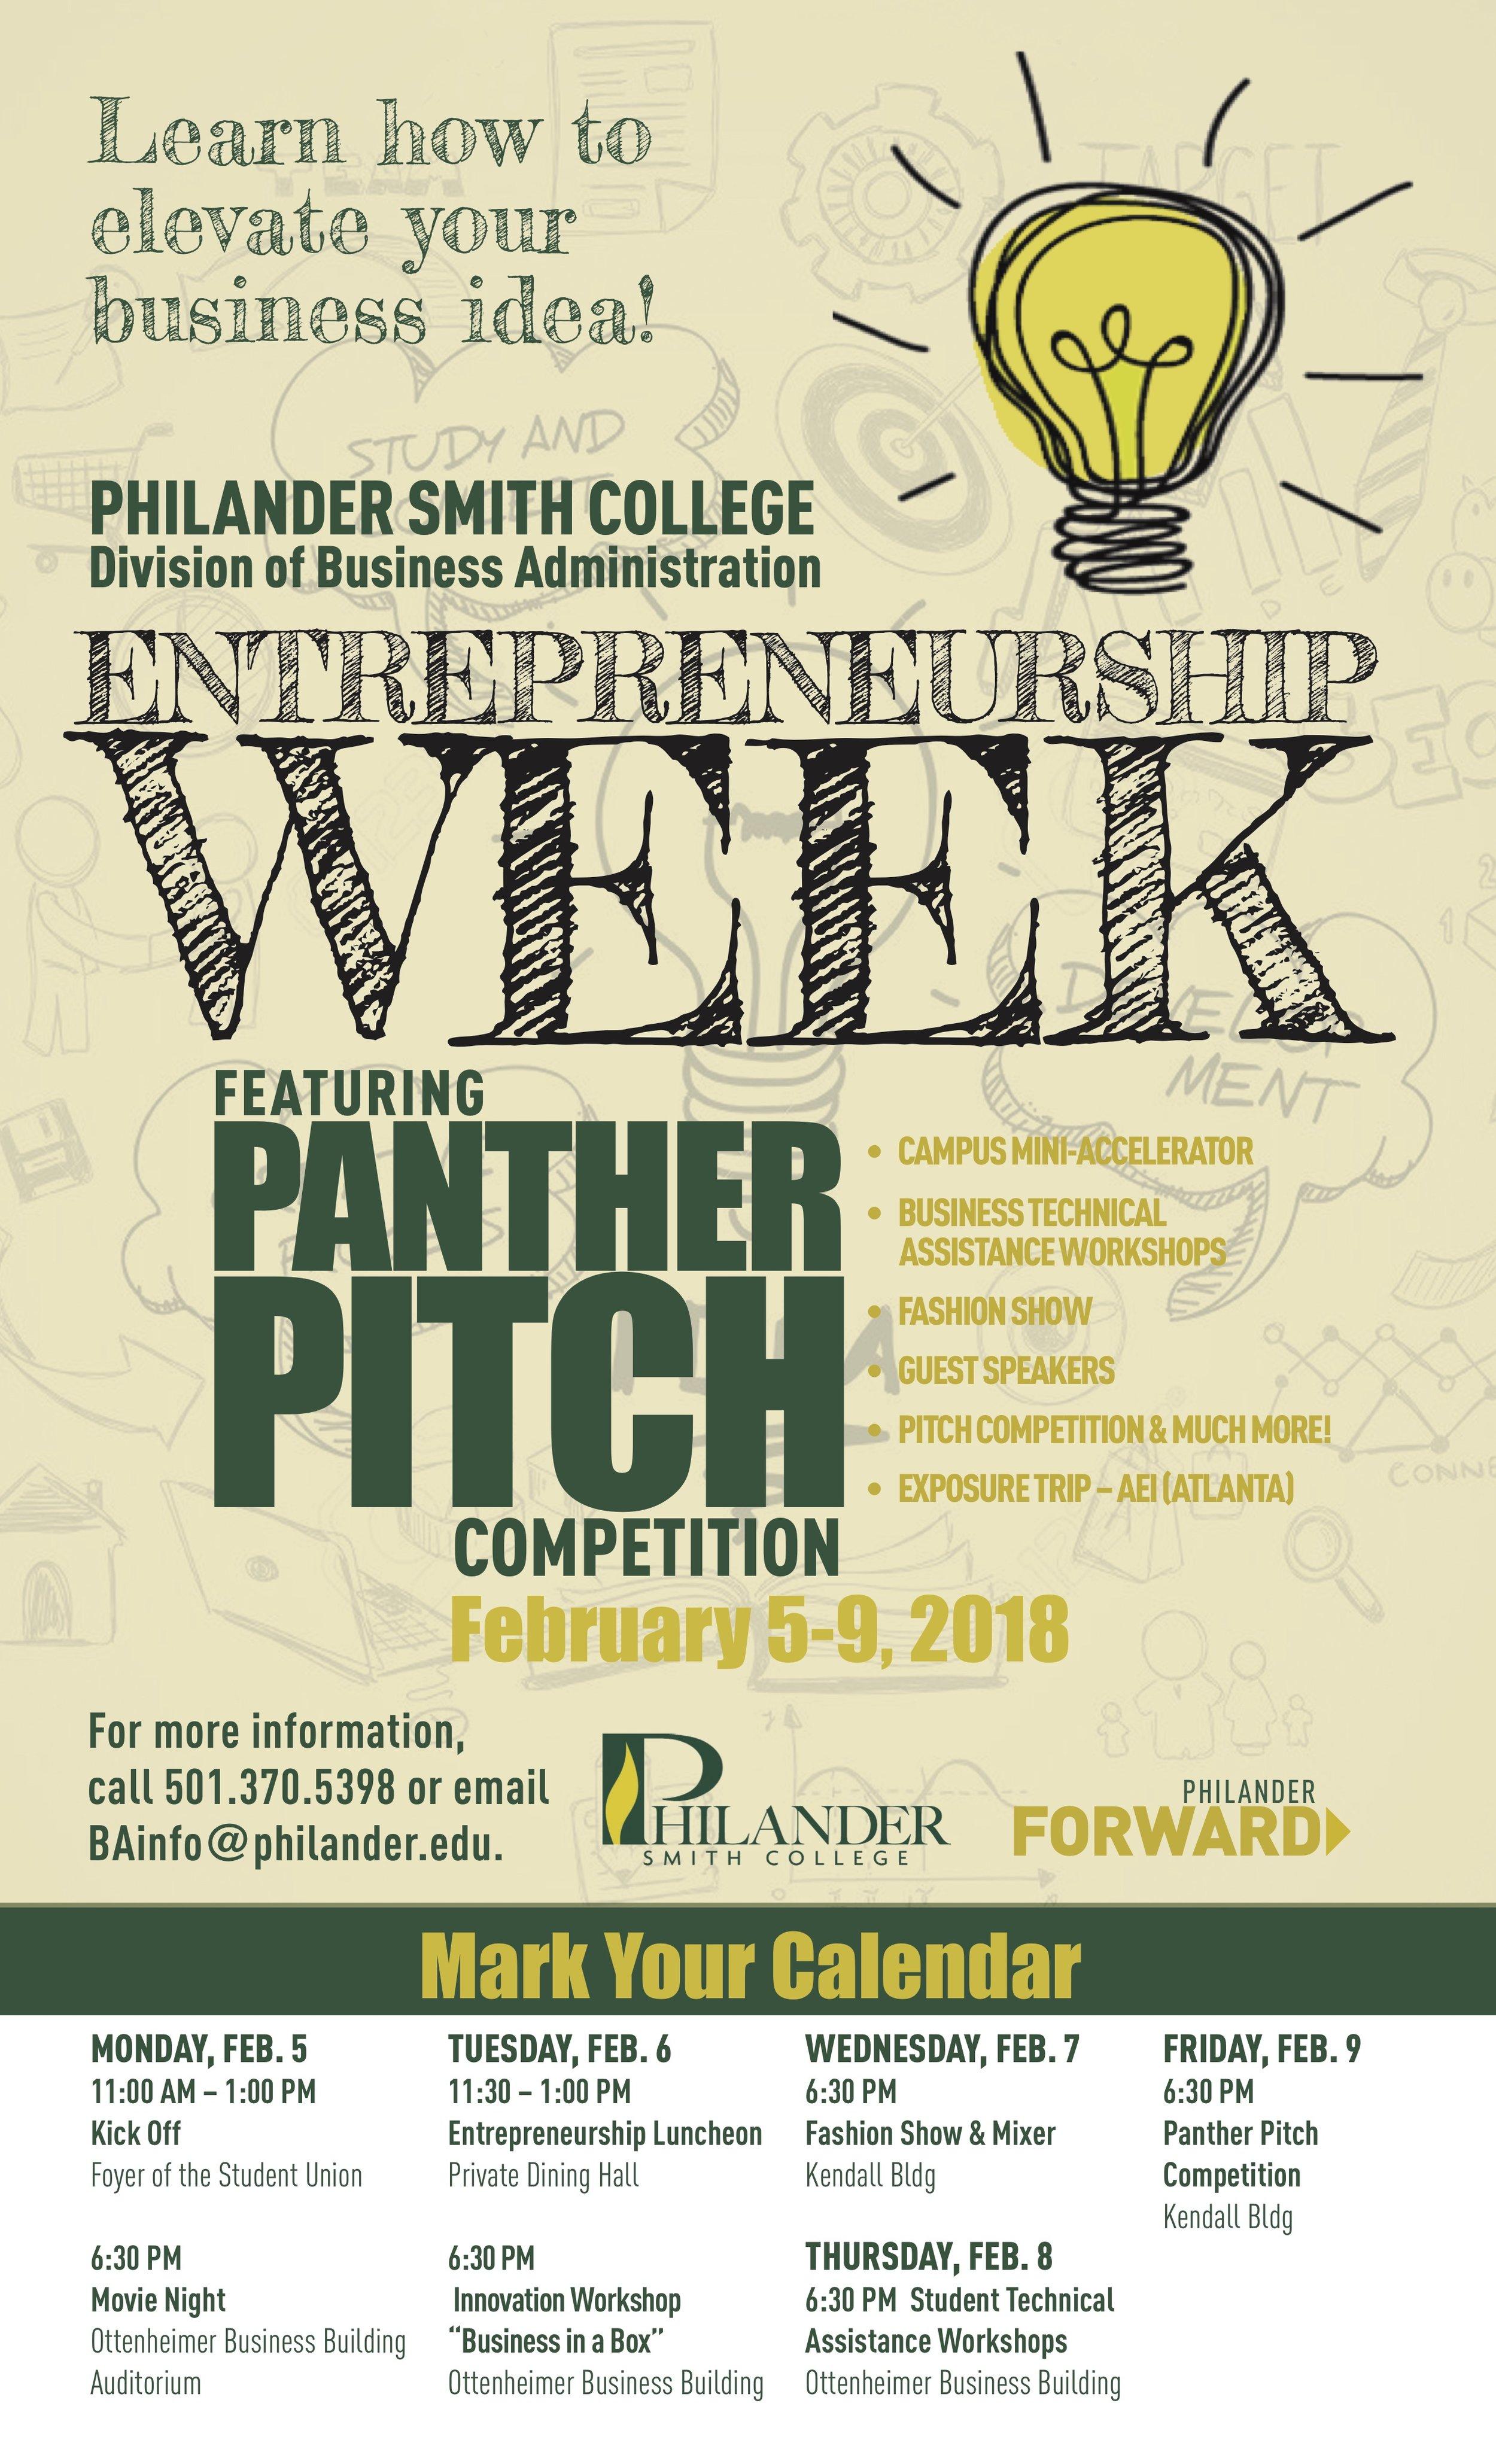 PSC Entrepreneurship Week Flyer 9(1).jpg